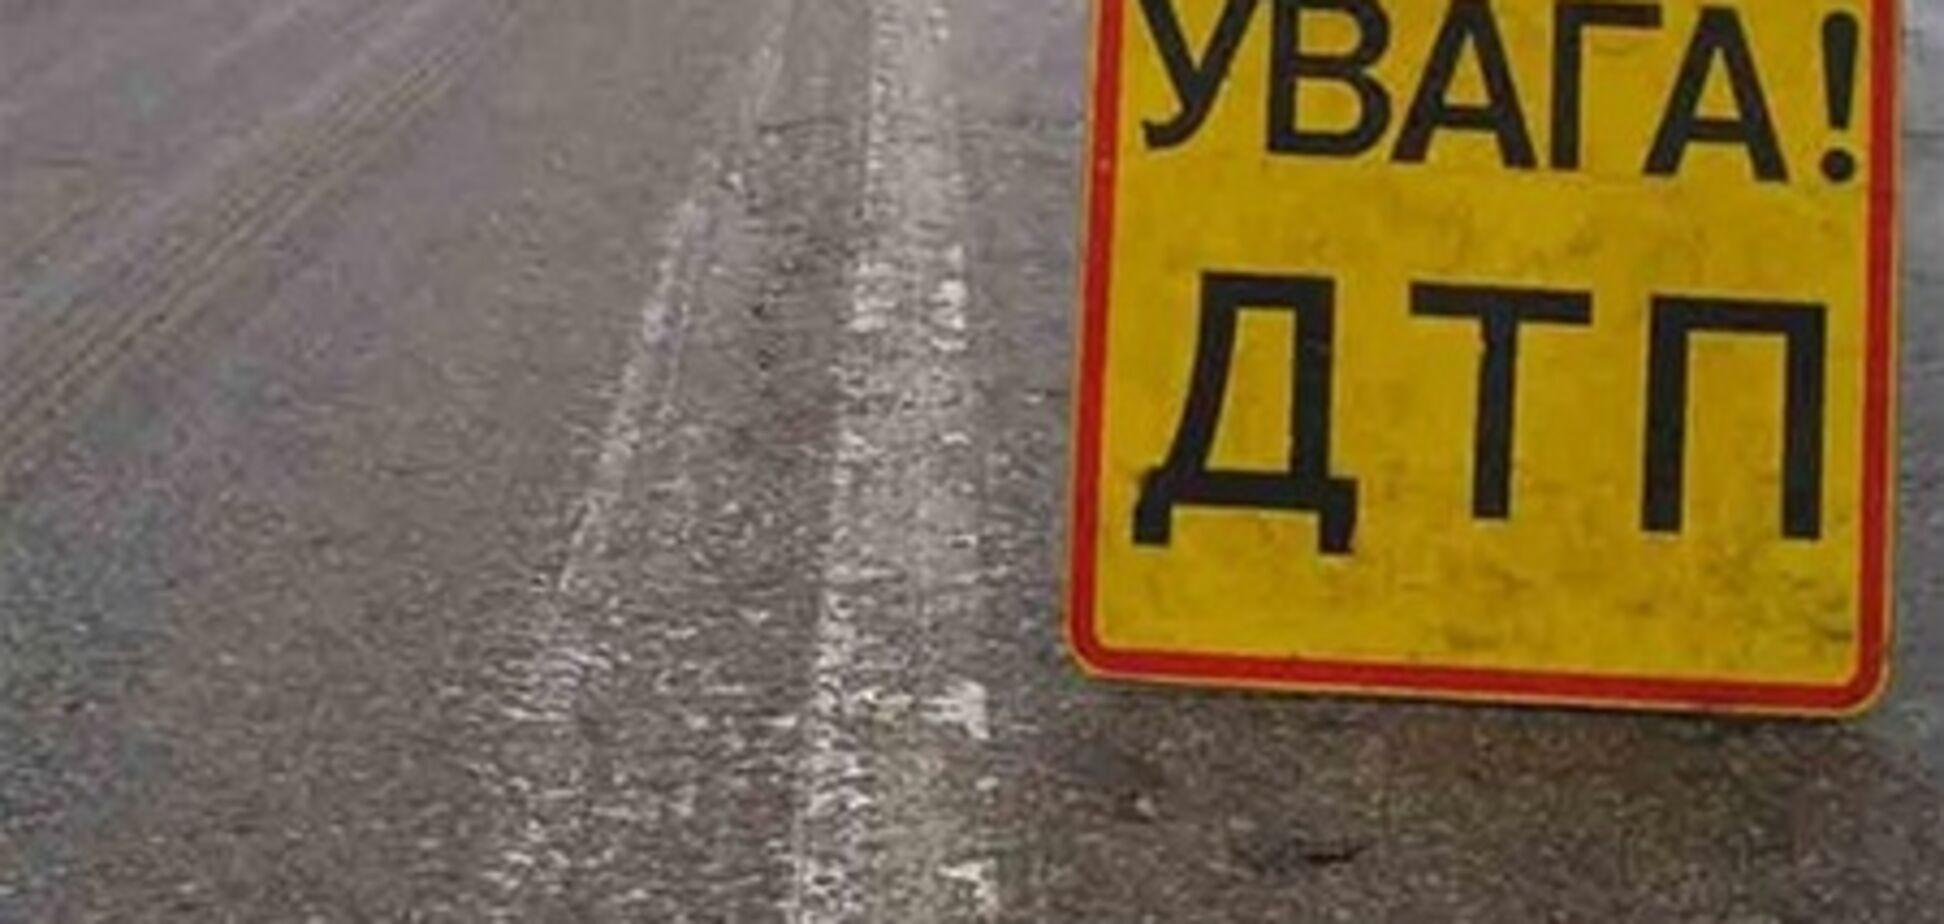 Ситуация на дорогах: 44 ДТП, 7 погибших